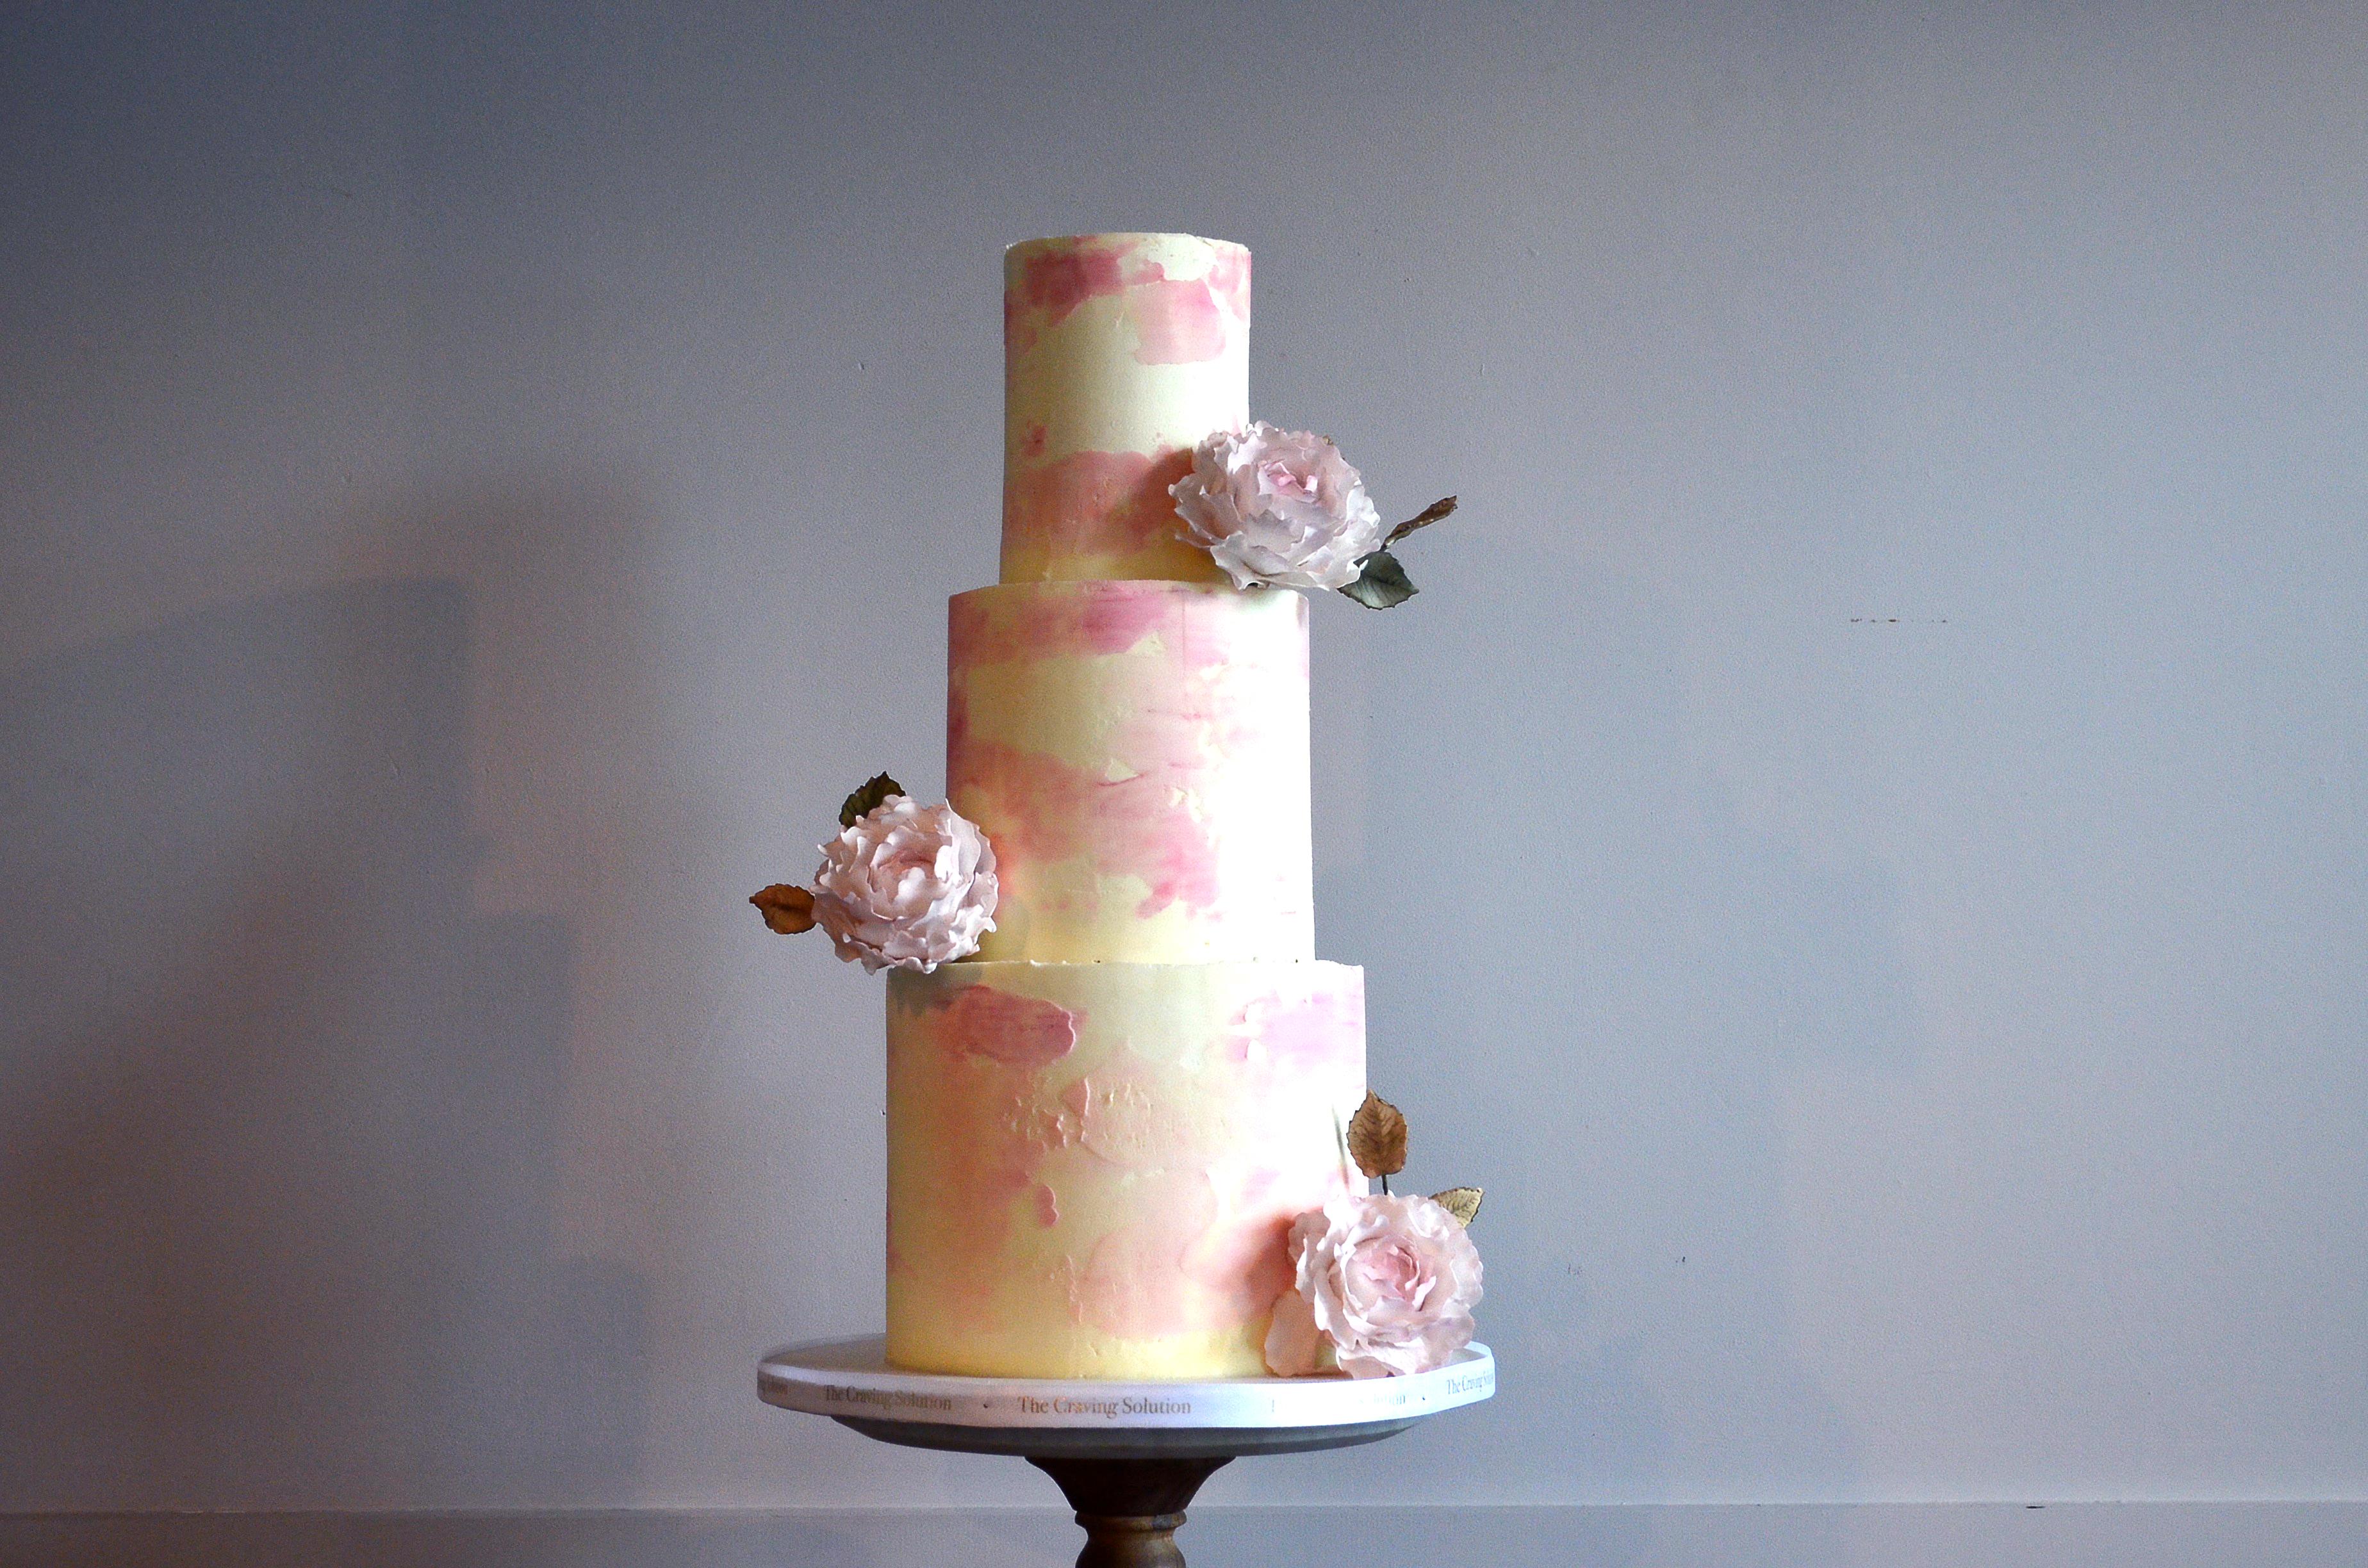 c9f91321150 ... table-kategorin) samt blev publicerade i både BröllopsGuiden och Allt  om bröllop. Med det i ryggen och med roliga projekt framöver ser vi  verkligen fram ...